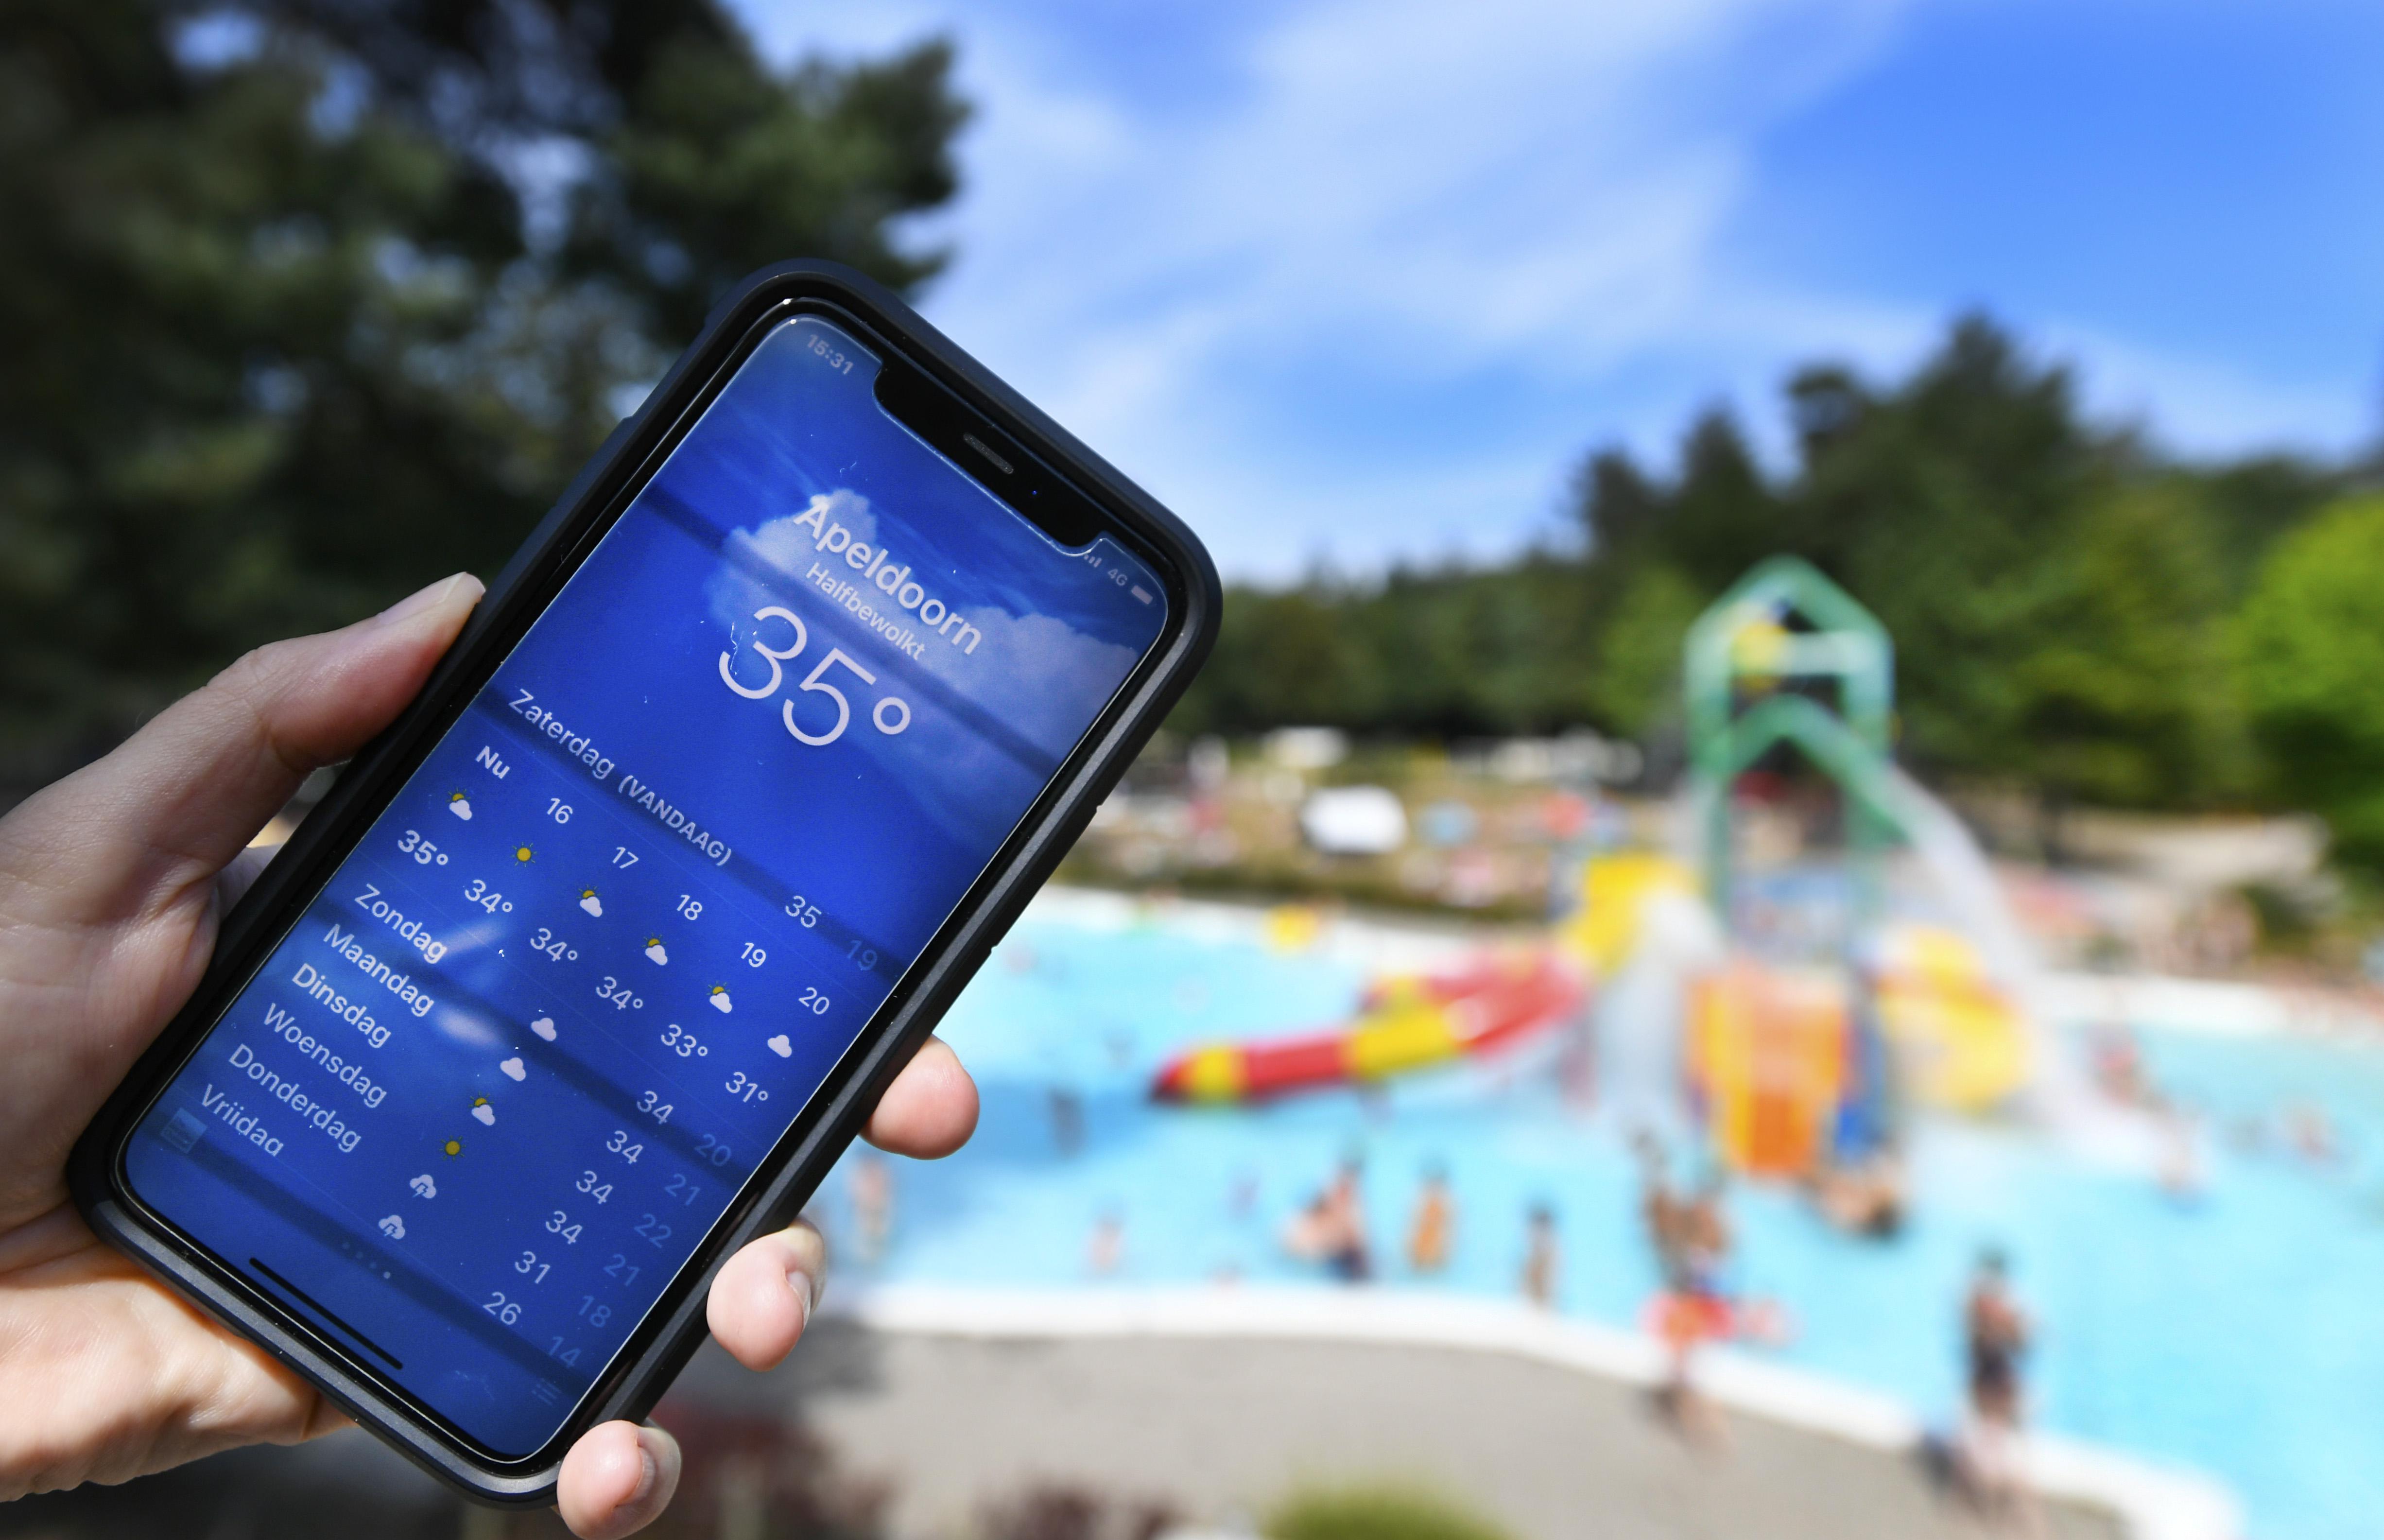 Een foto van een smartphone waarop staat dat het 35 graden is